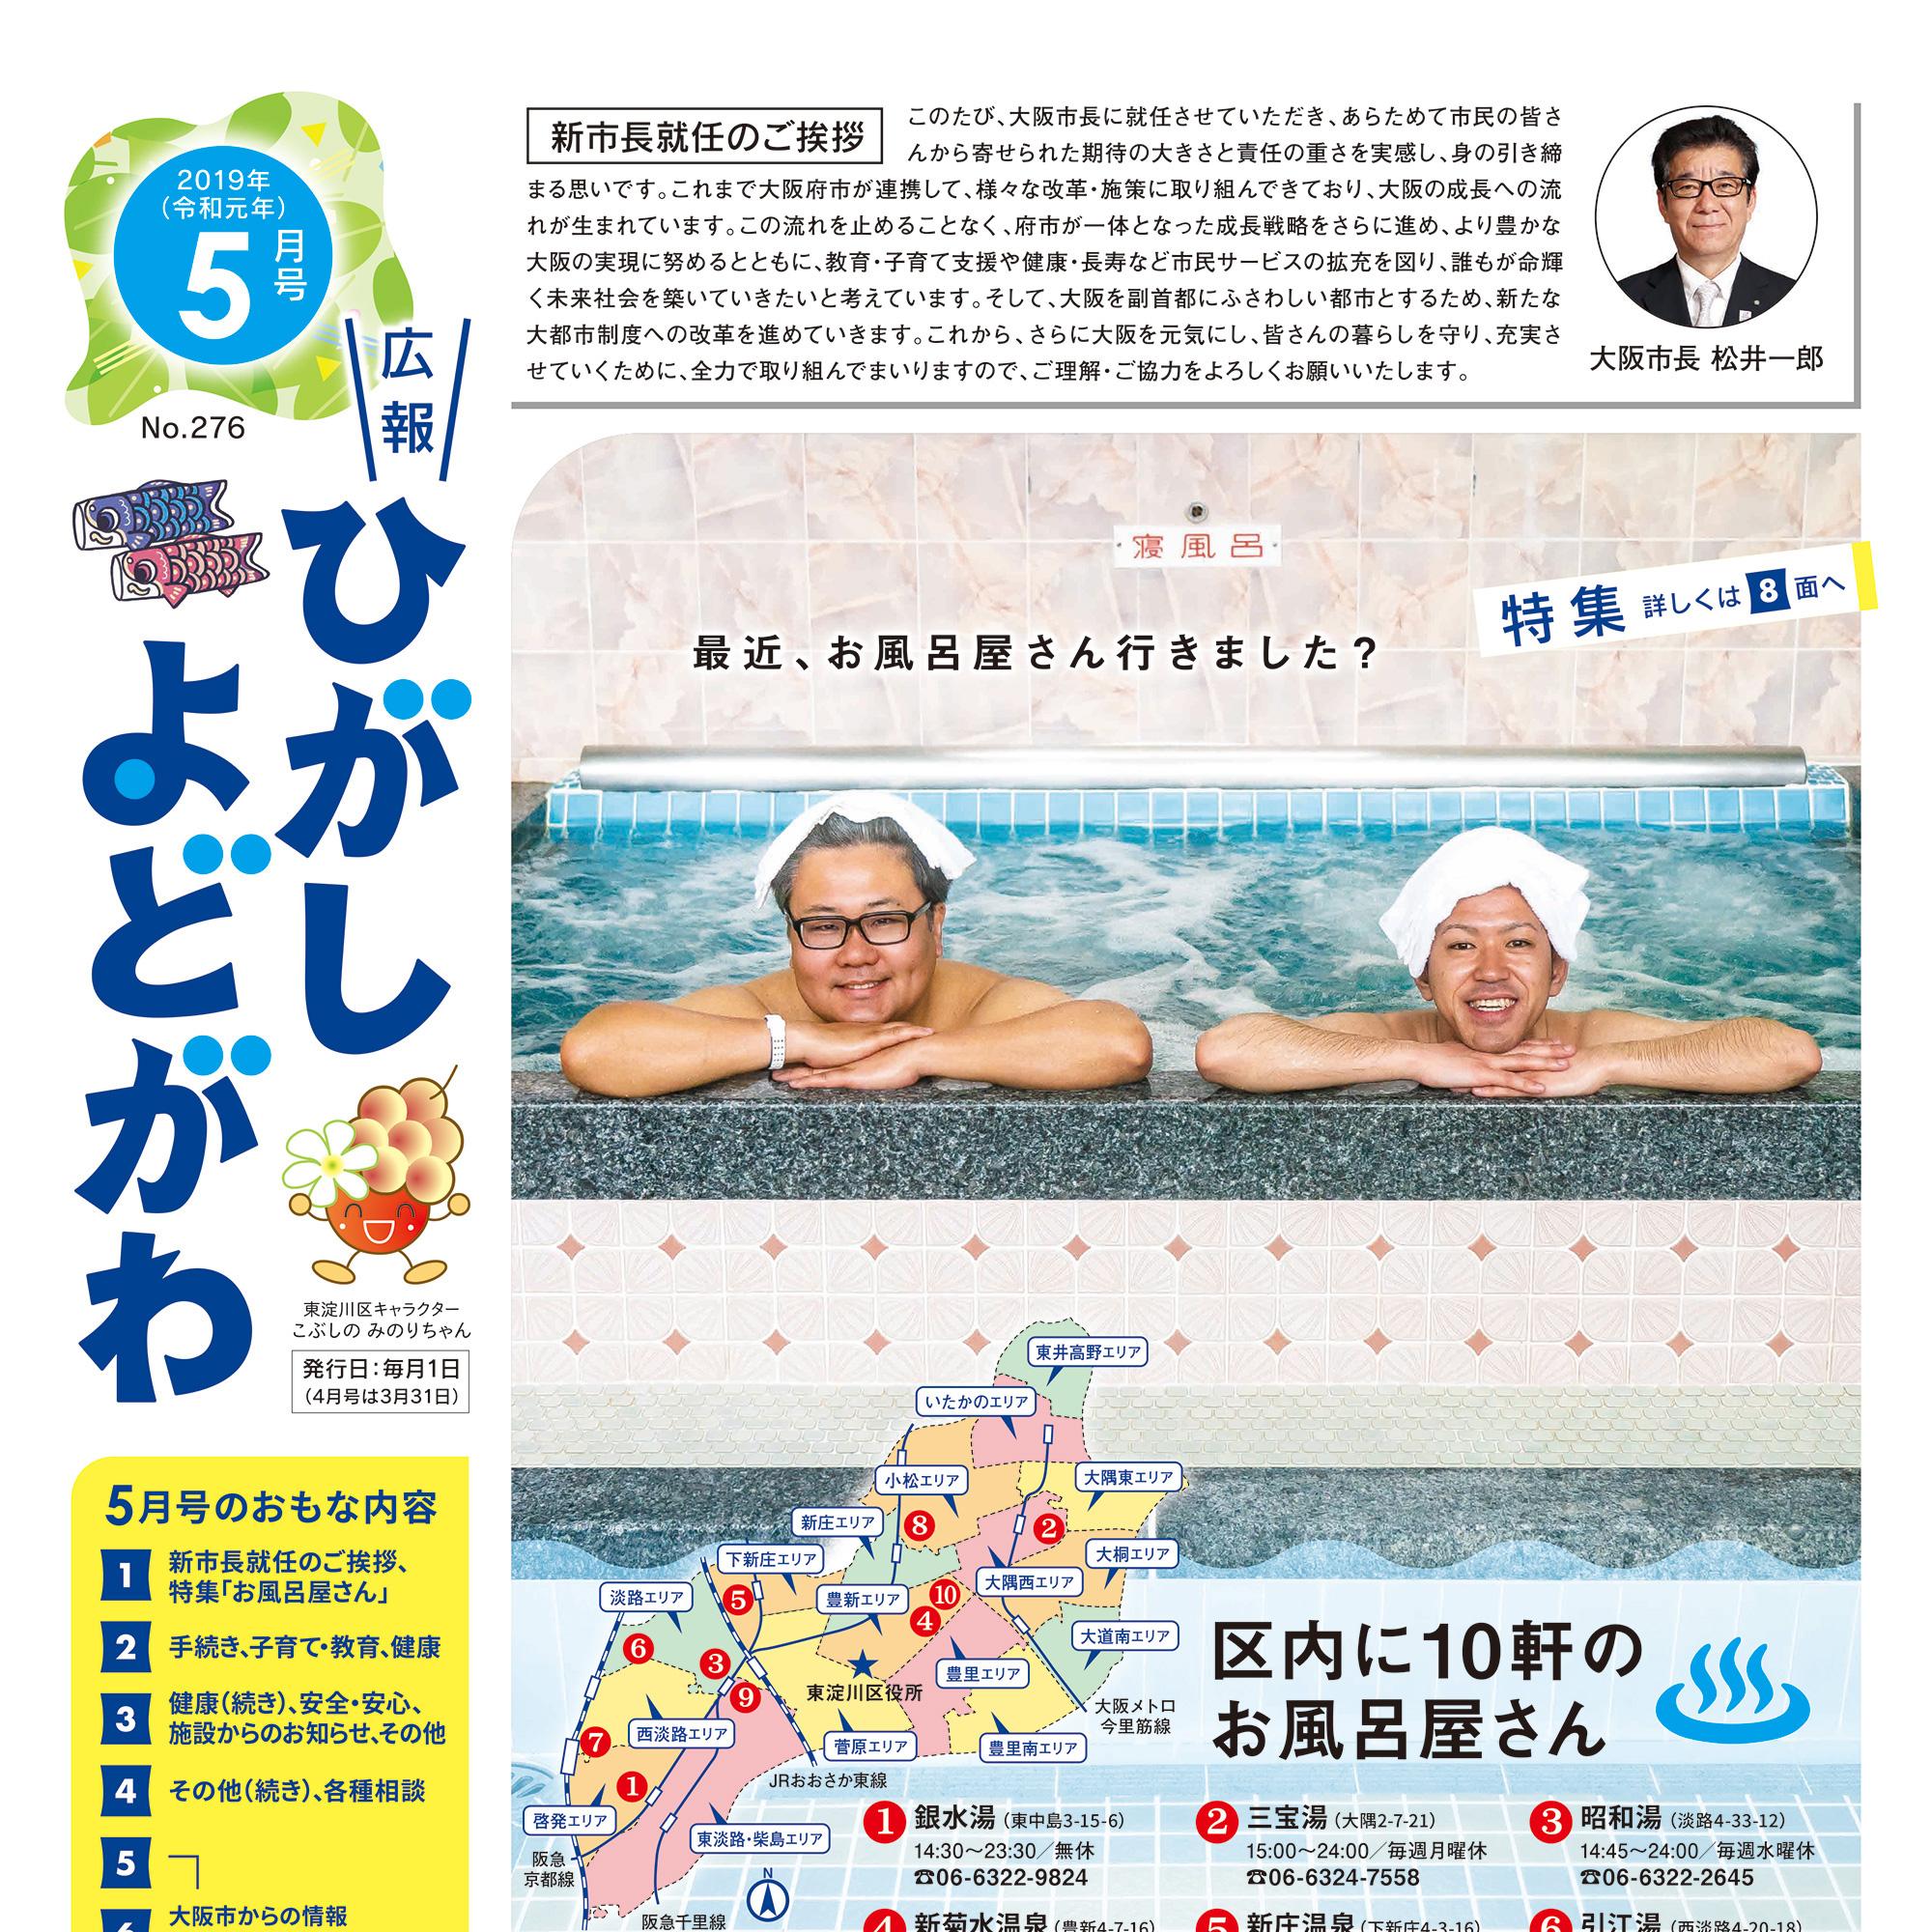 広報ひがしよどがわ・令和元年5月号(大阪市東淀川区)